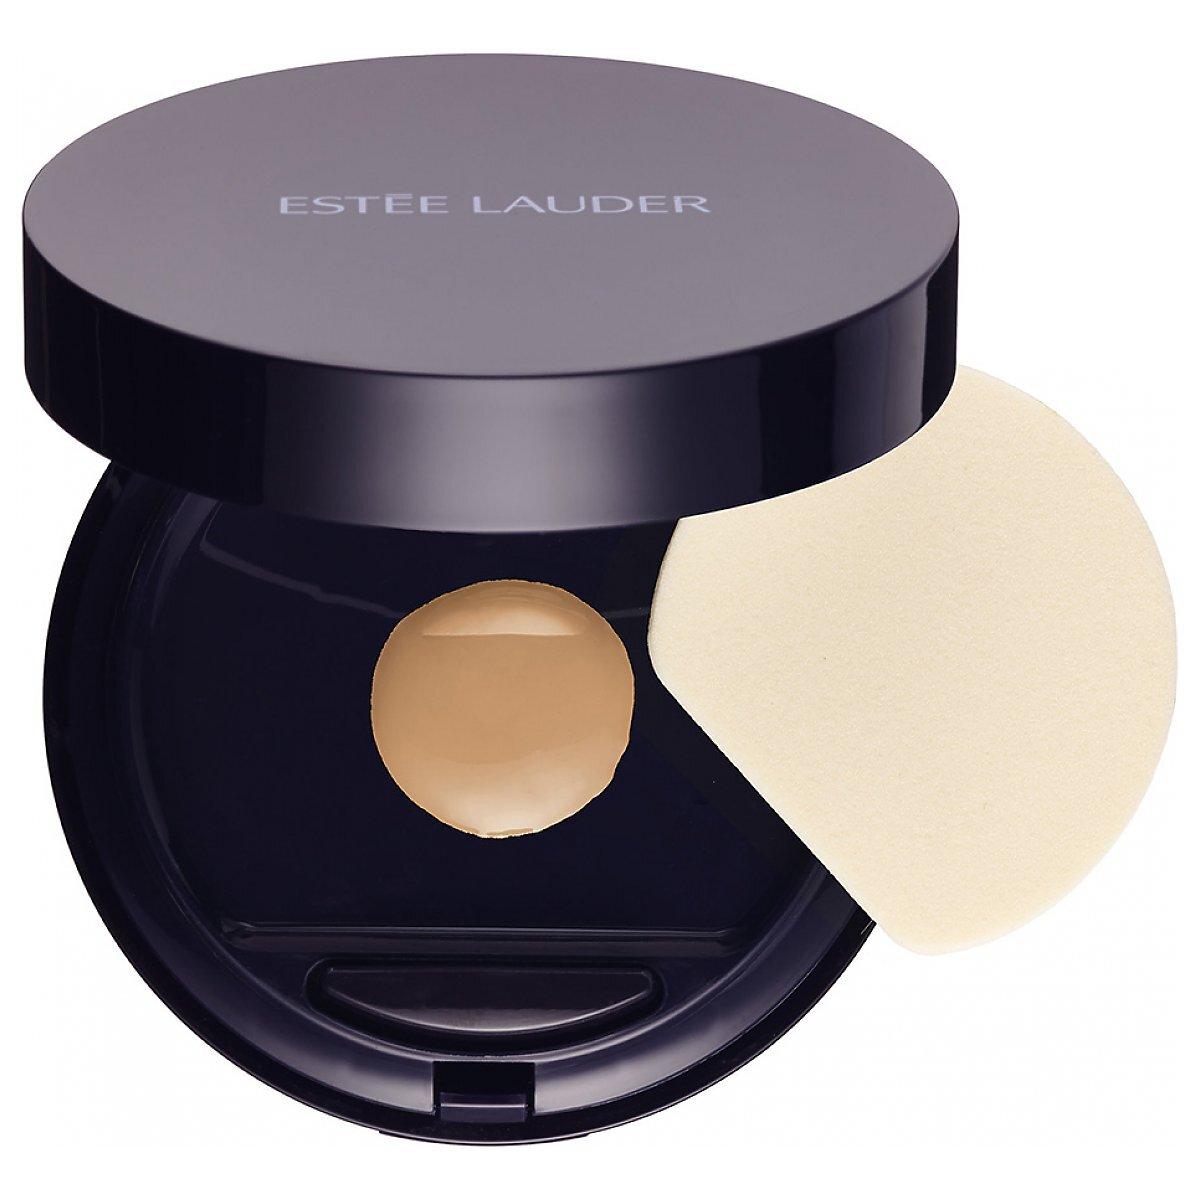 Estee Lauder - Double Wear Makeup To Go Liquid Compact